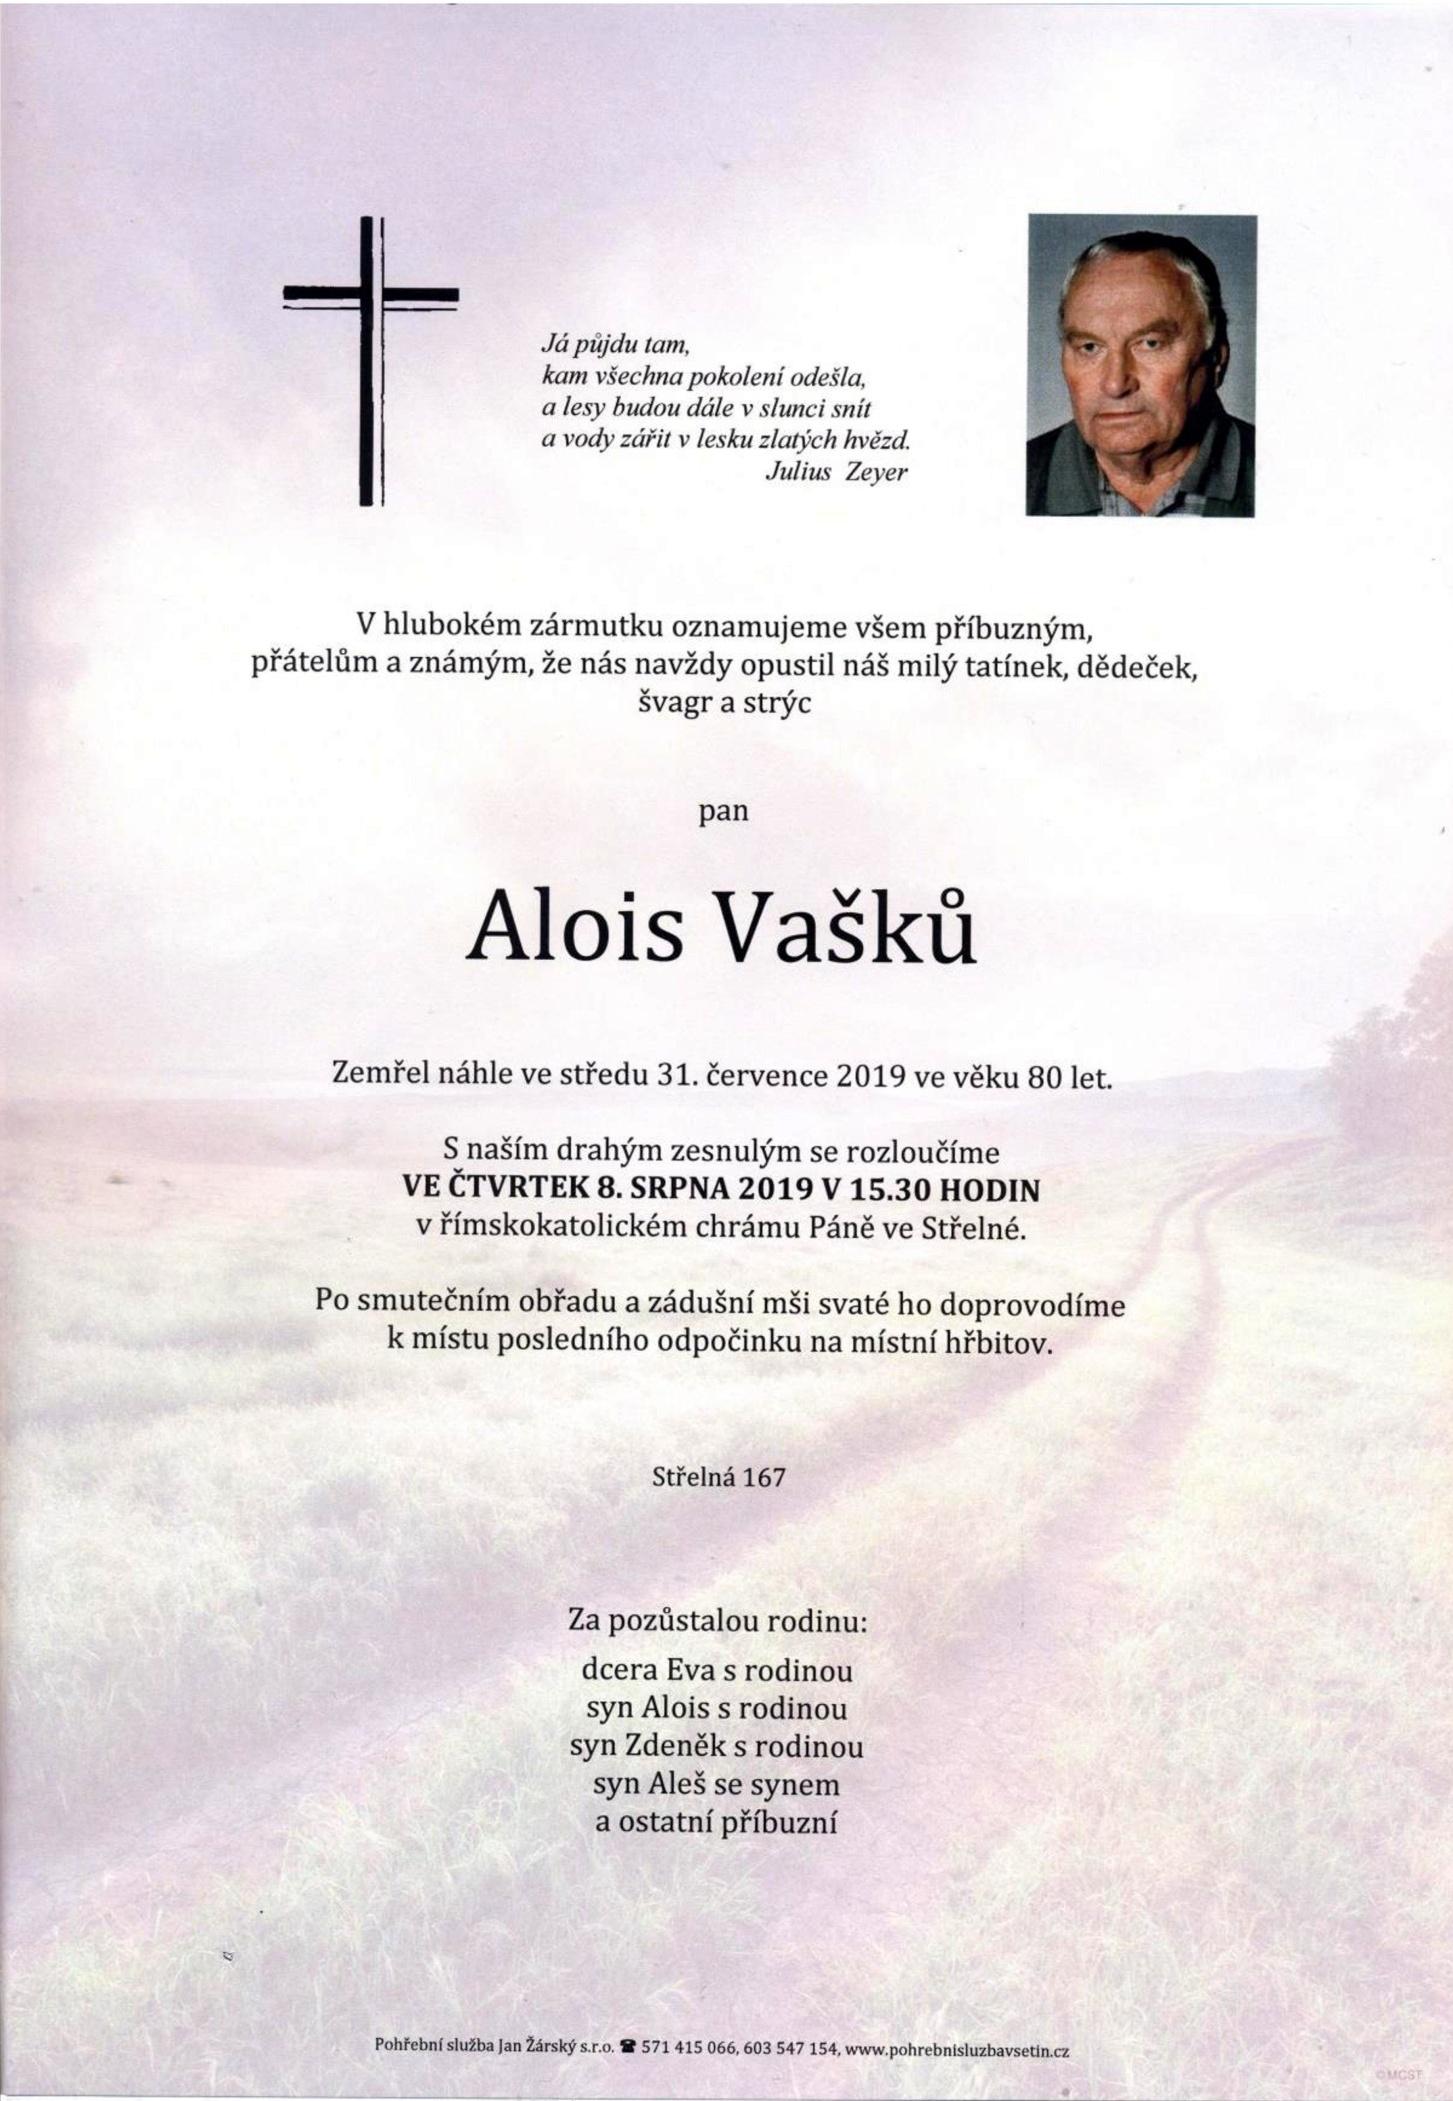 Alois Vašků